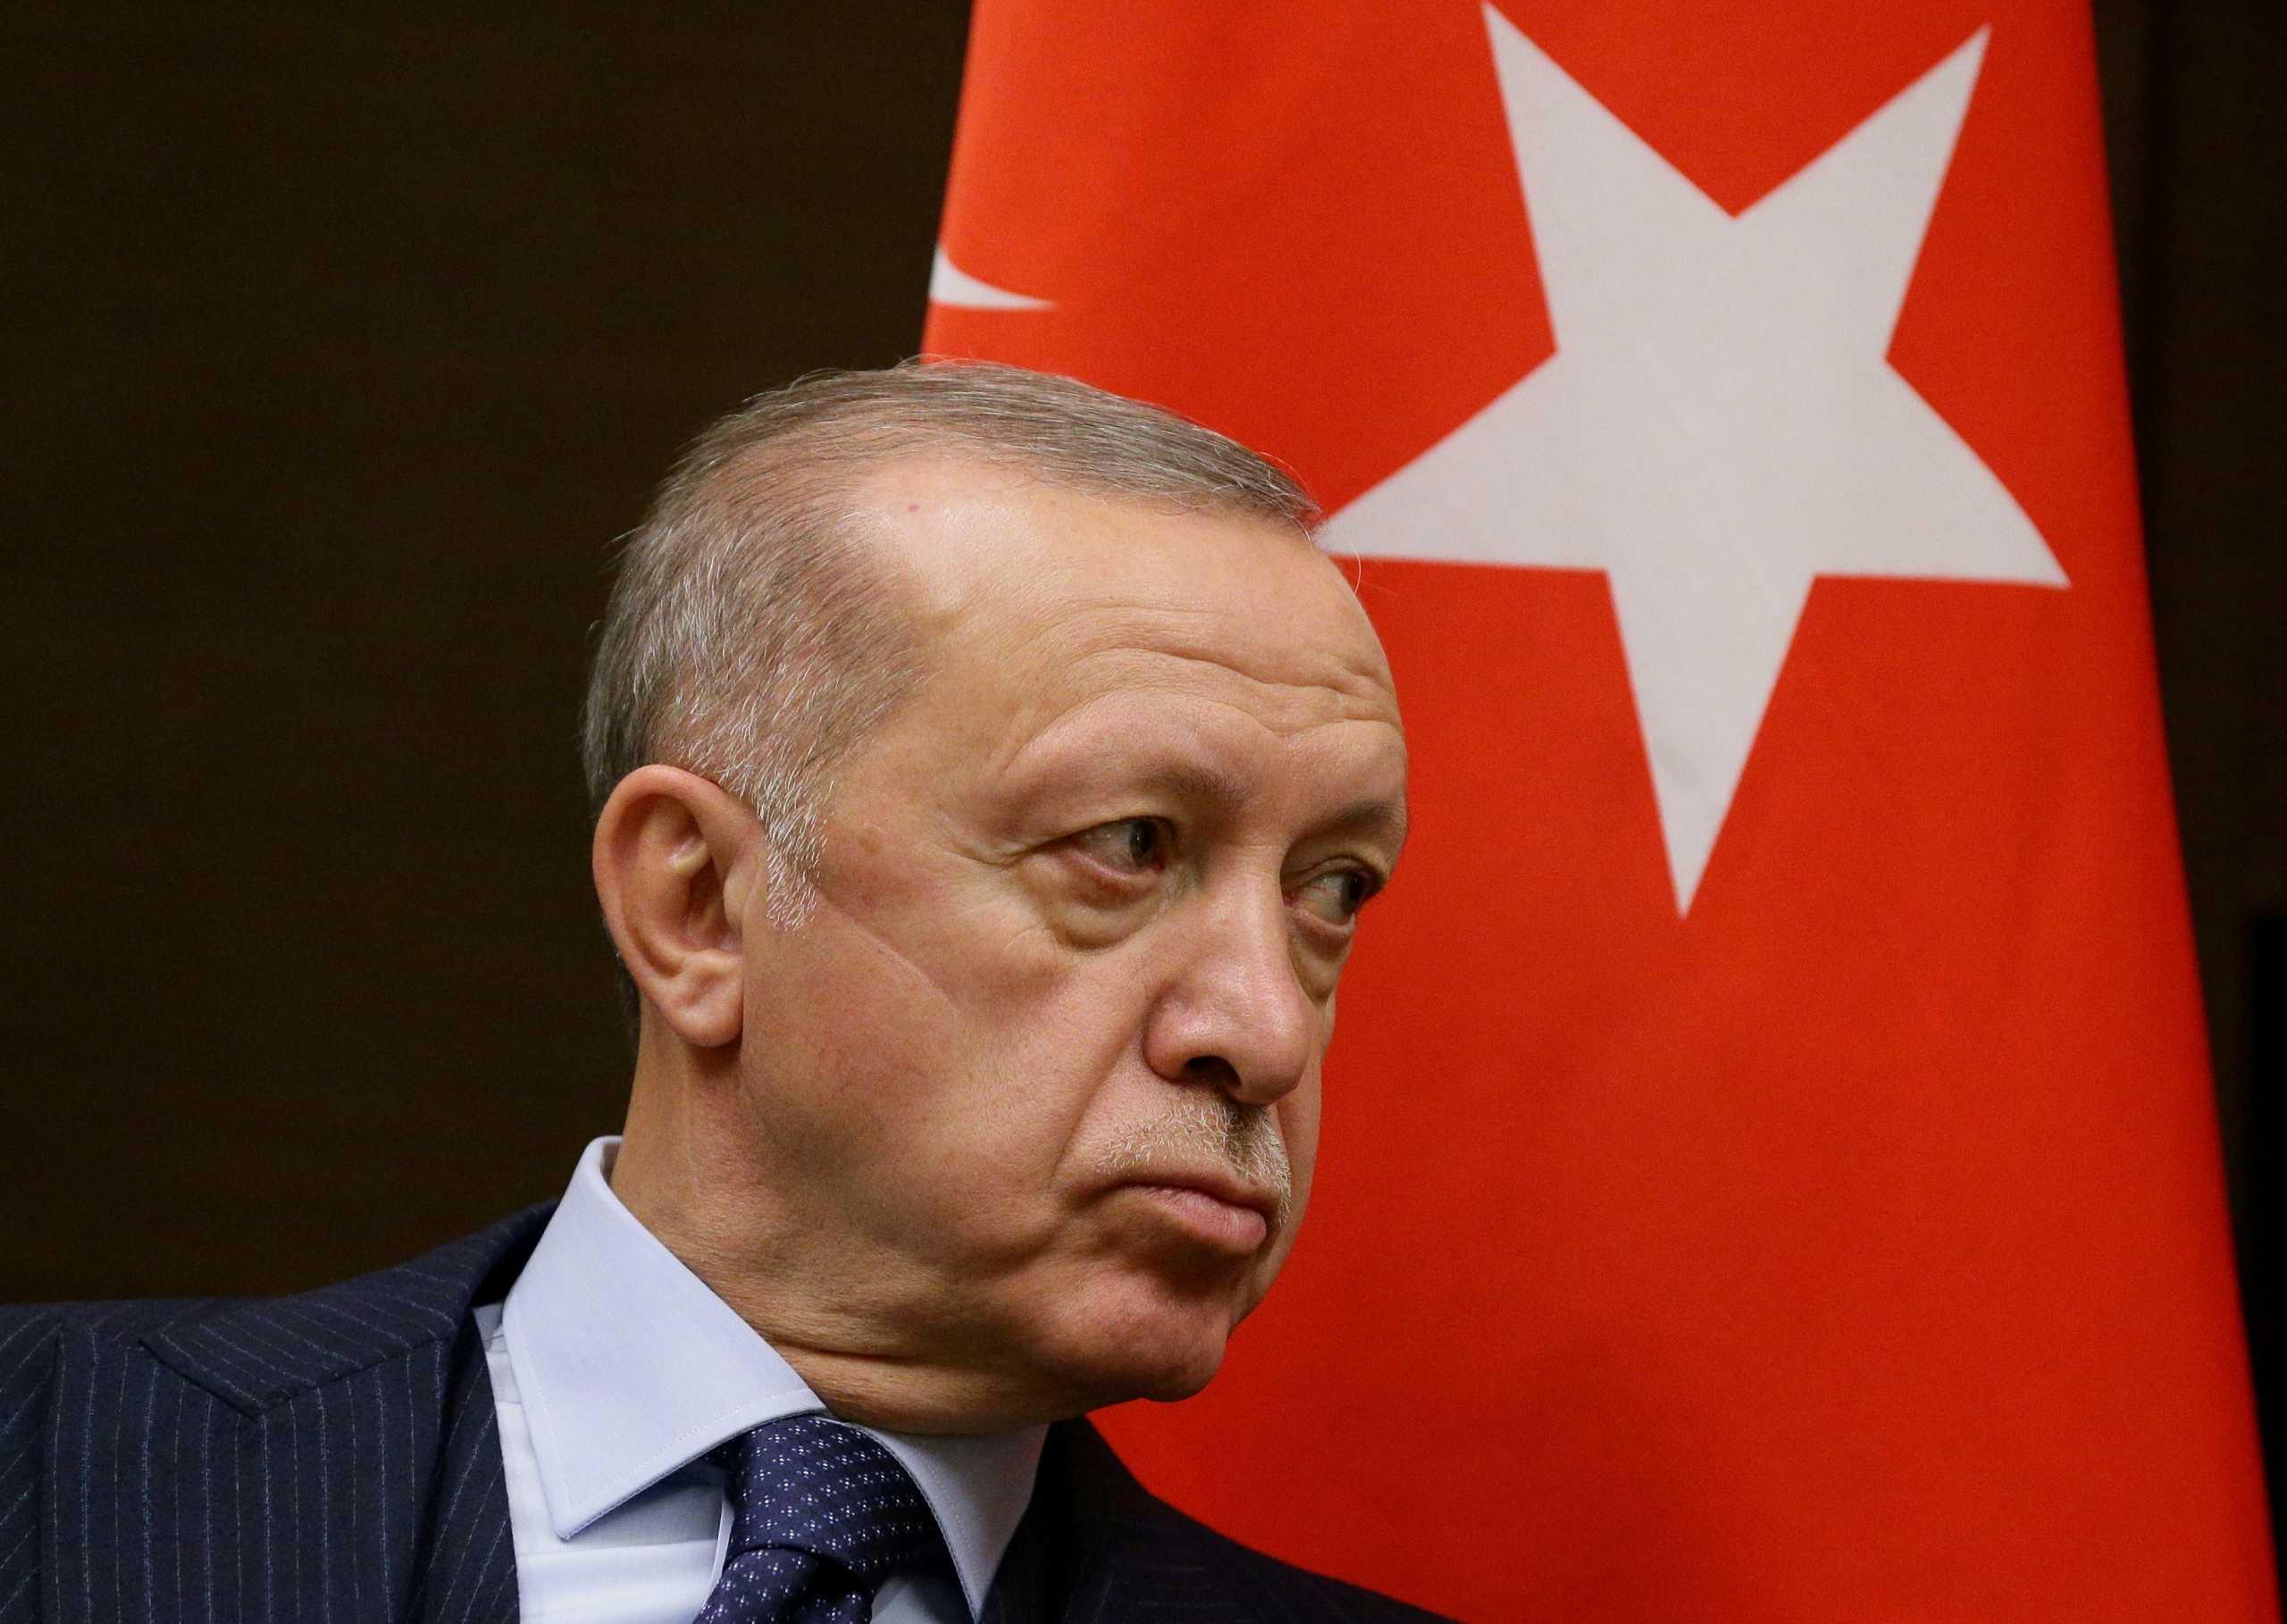 Ερντογάν: Καρατόμησε τρία μέλη της κεντρικής τράπεζας – Σε ιστορικό χαμηλό η λίρα